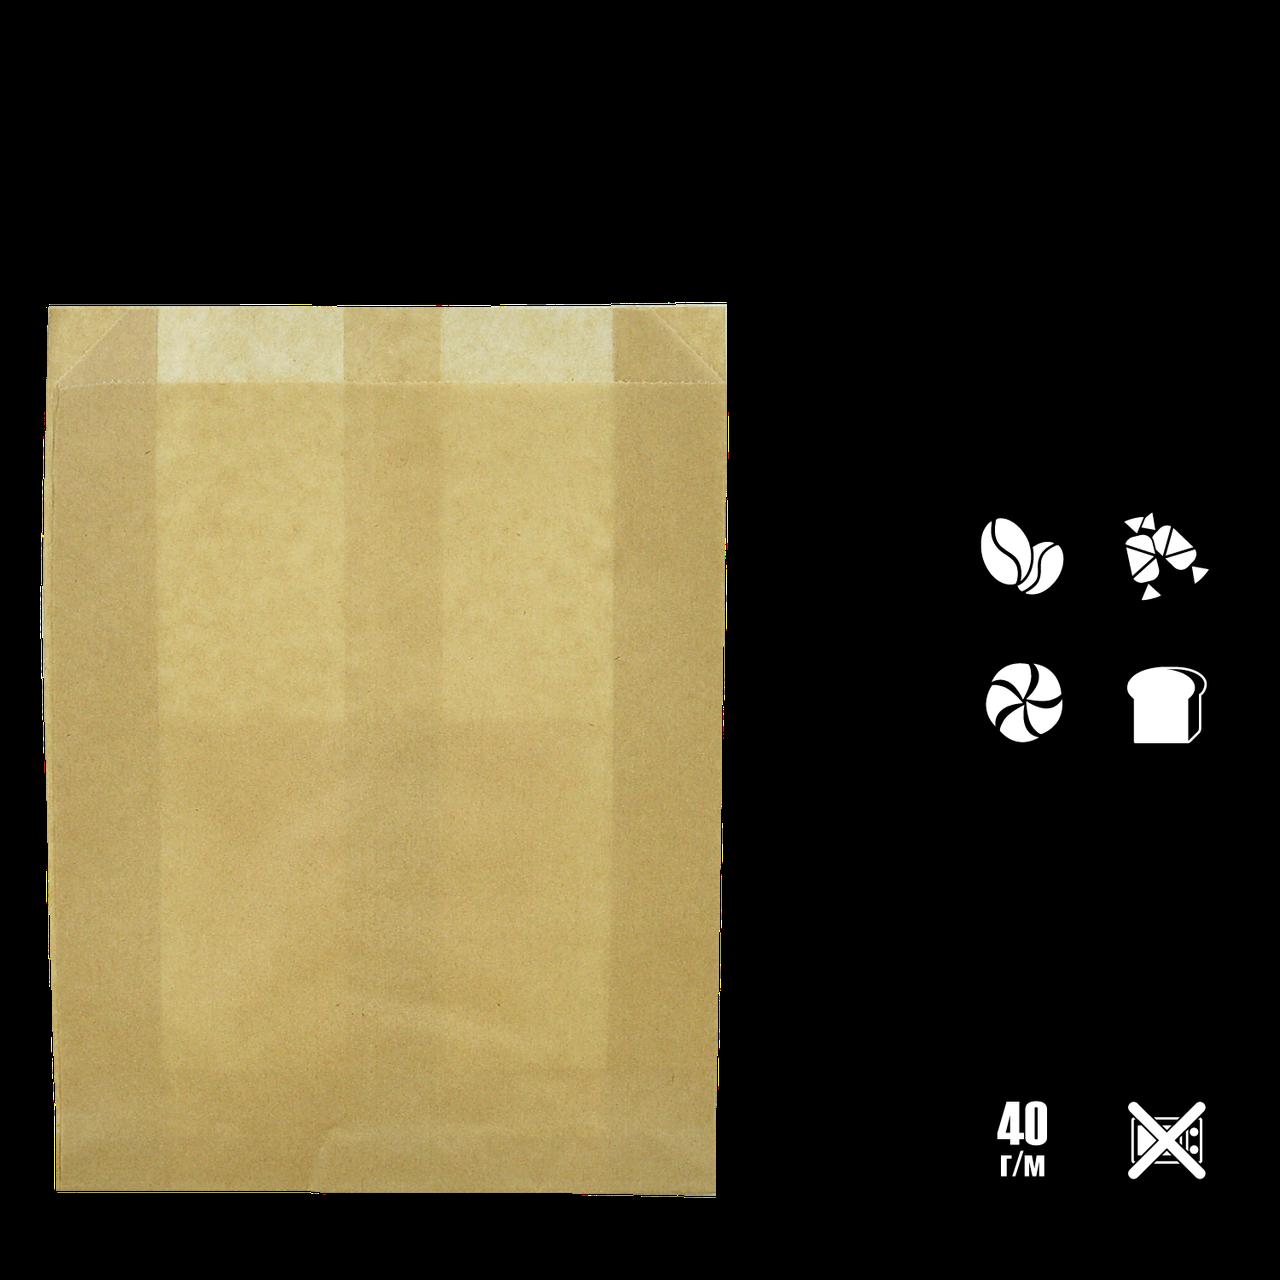 Бумажный Пакет Крафт 220х200х40мм (ВхШхГ) 40г/м² 100шт (909)